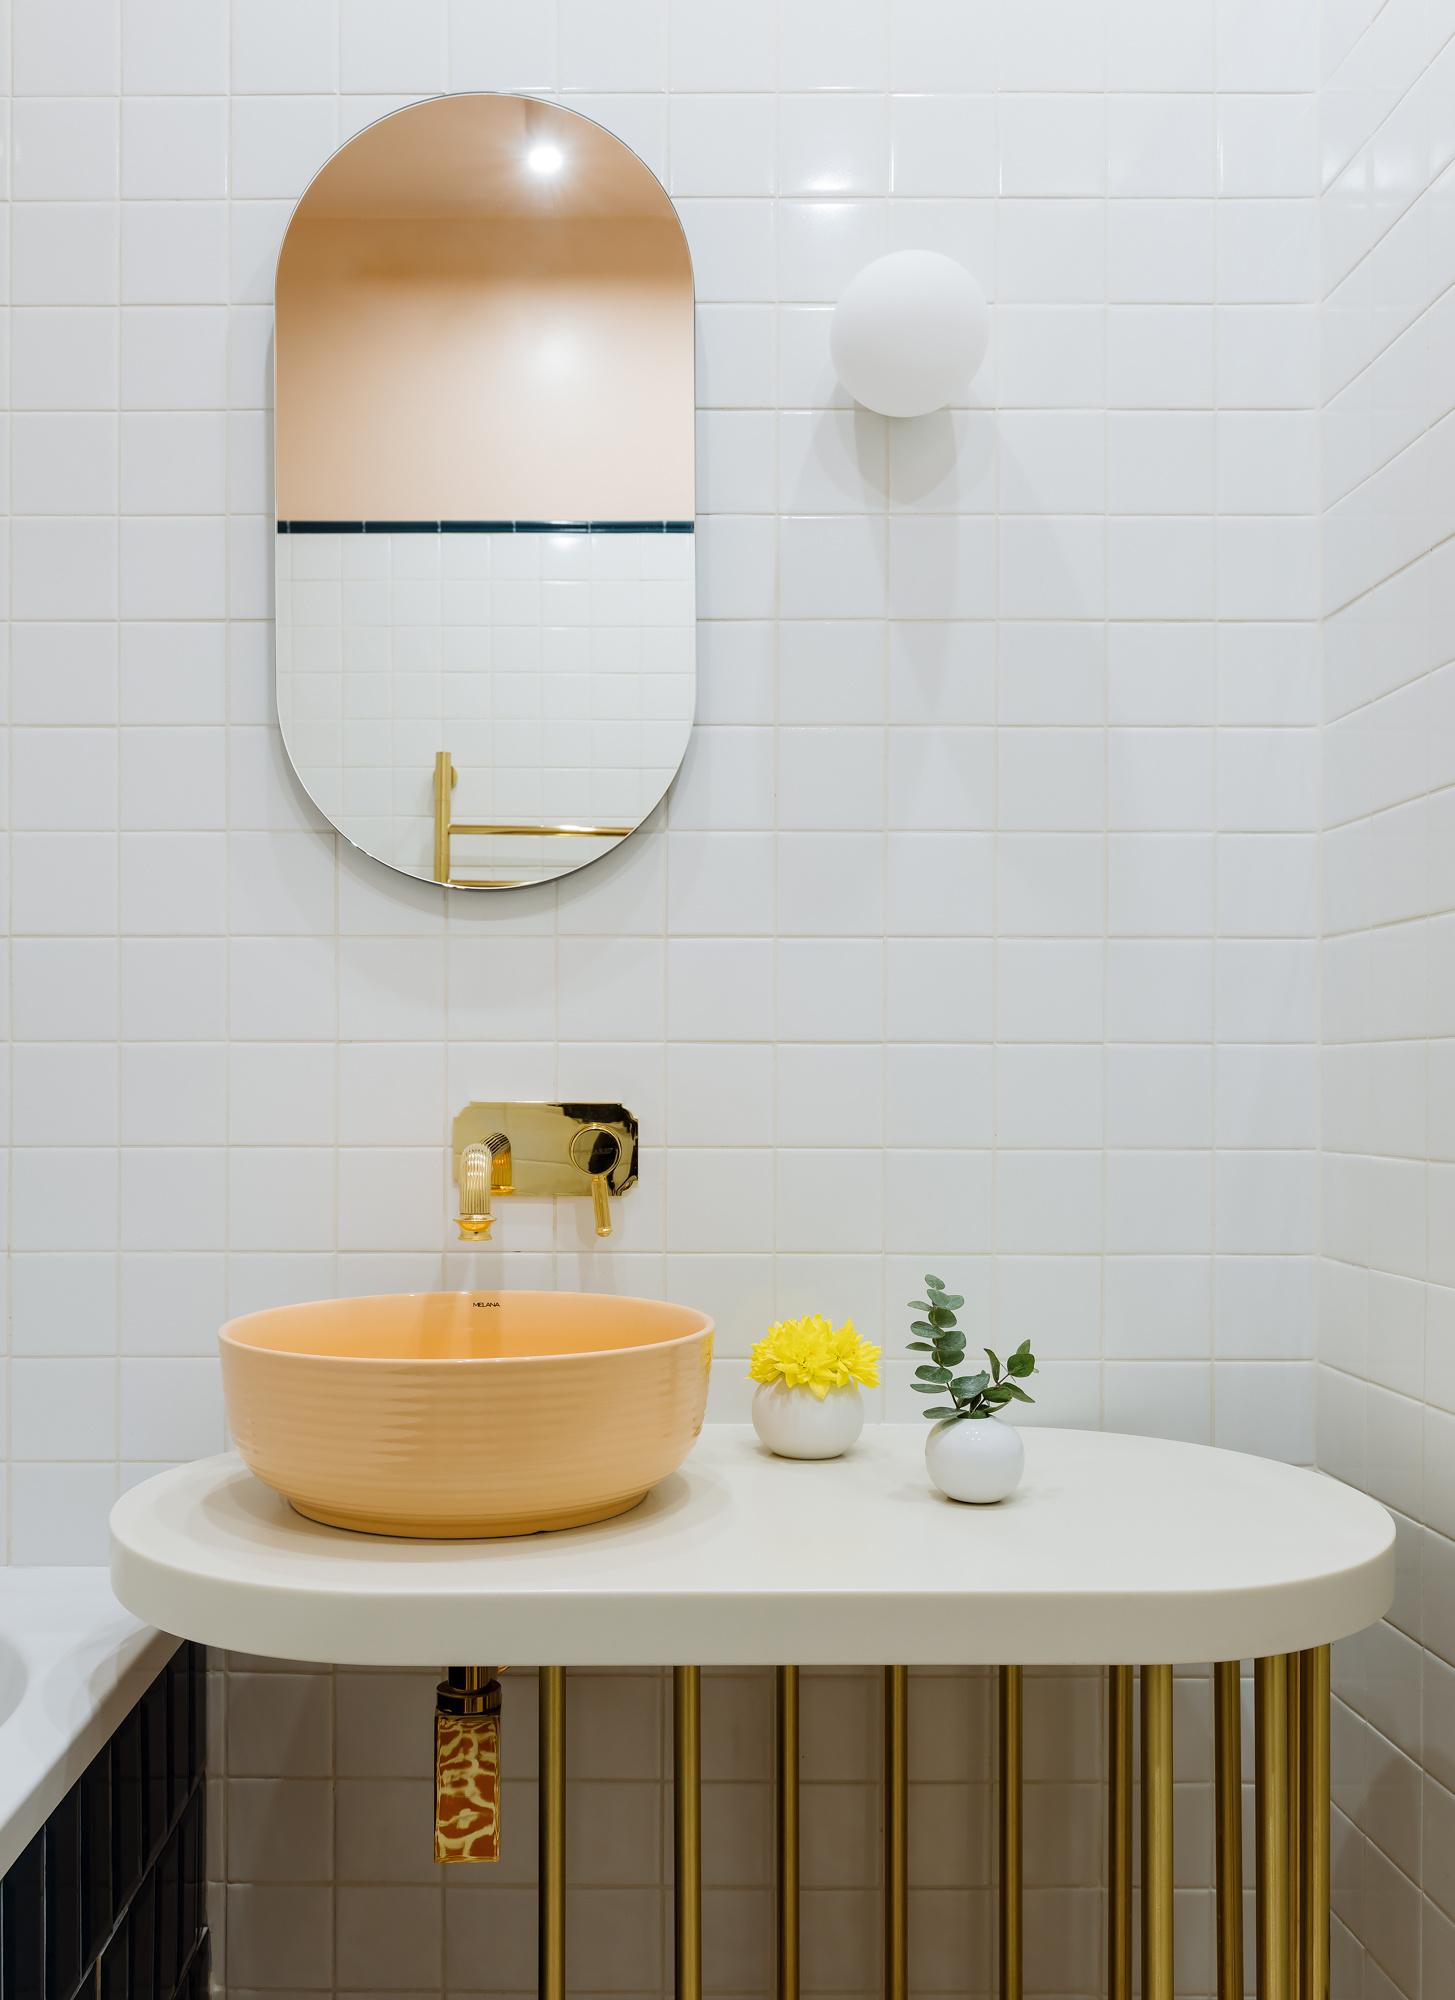 Квадратная белая плитка в интерьере: 30+ примеров (галерея 1, фото 5)